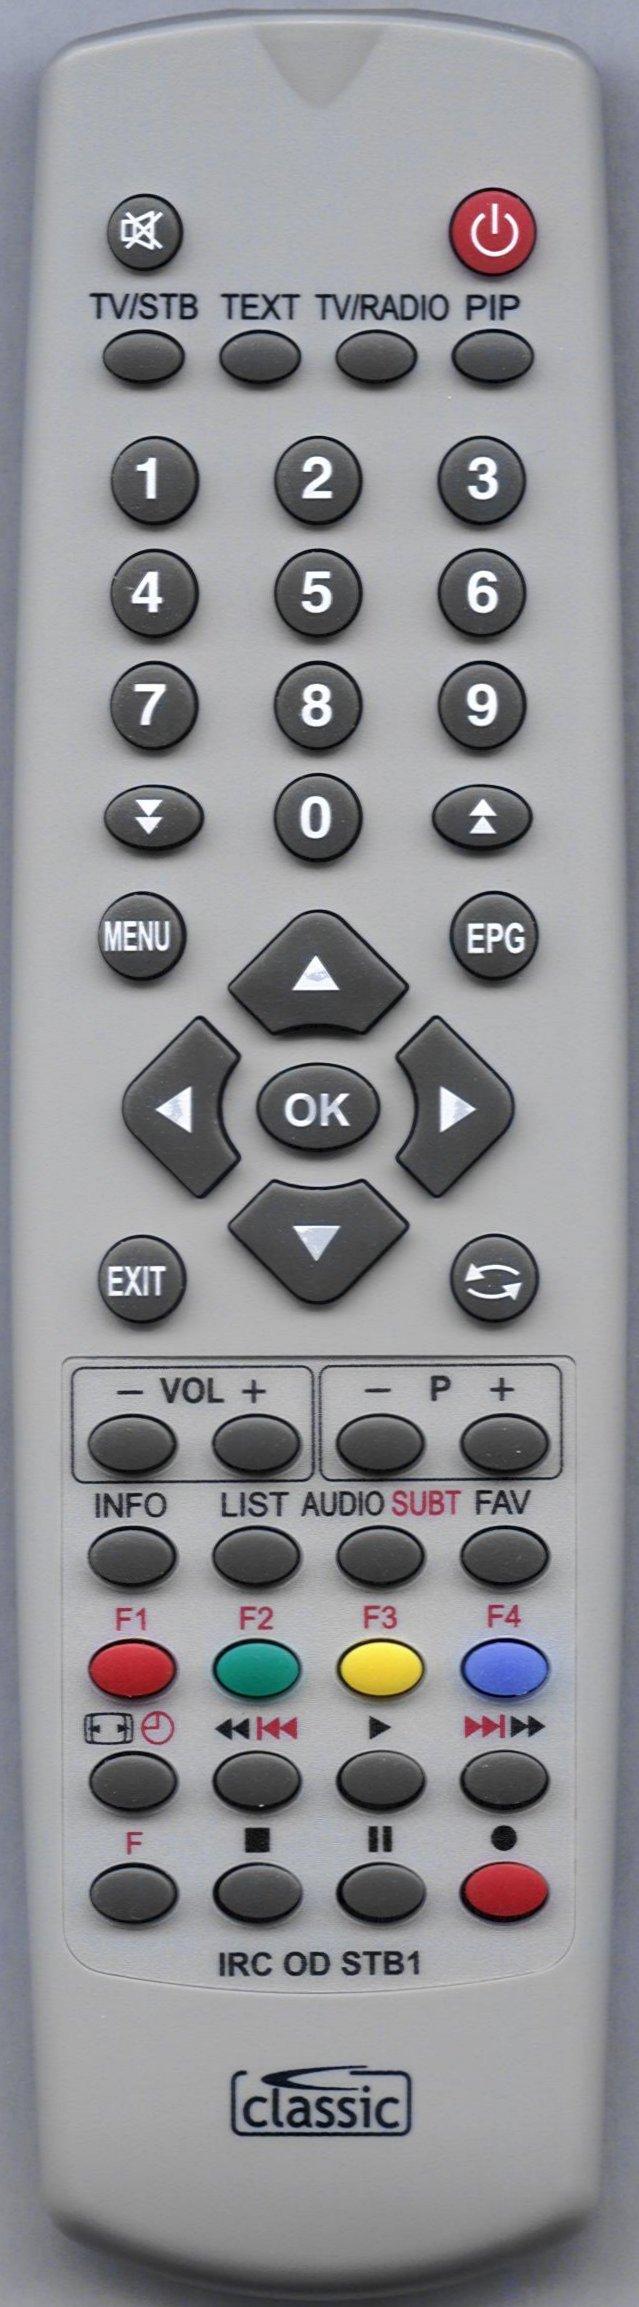 TOPFIELD TF3100FEI Remote Control